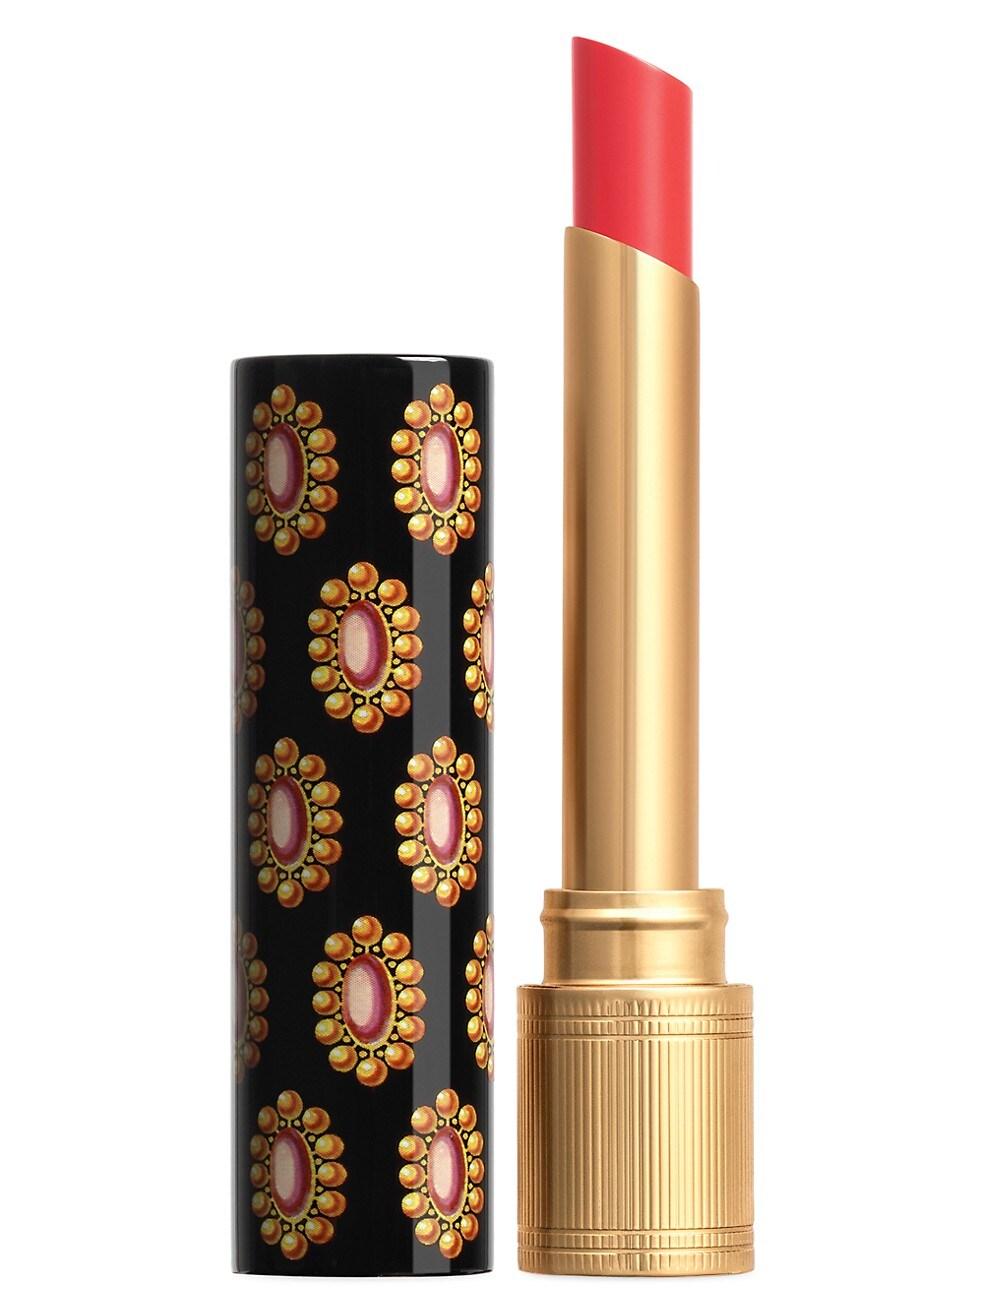 Gucci Rouge de Beaute Brilliant Shine Glow and Care Lipstick